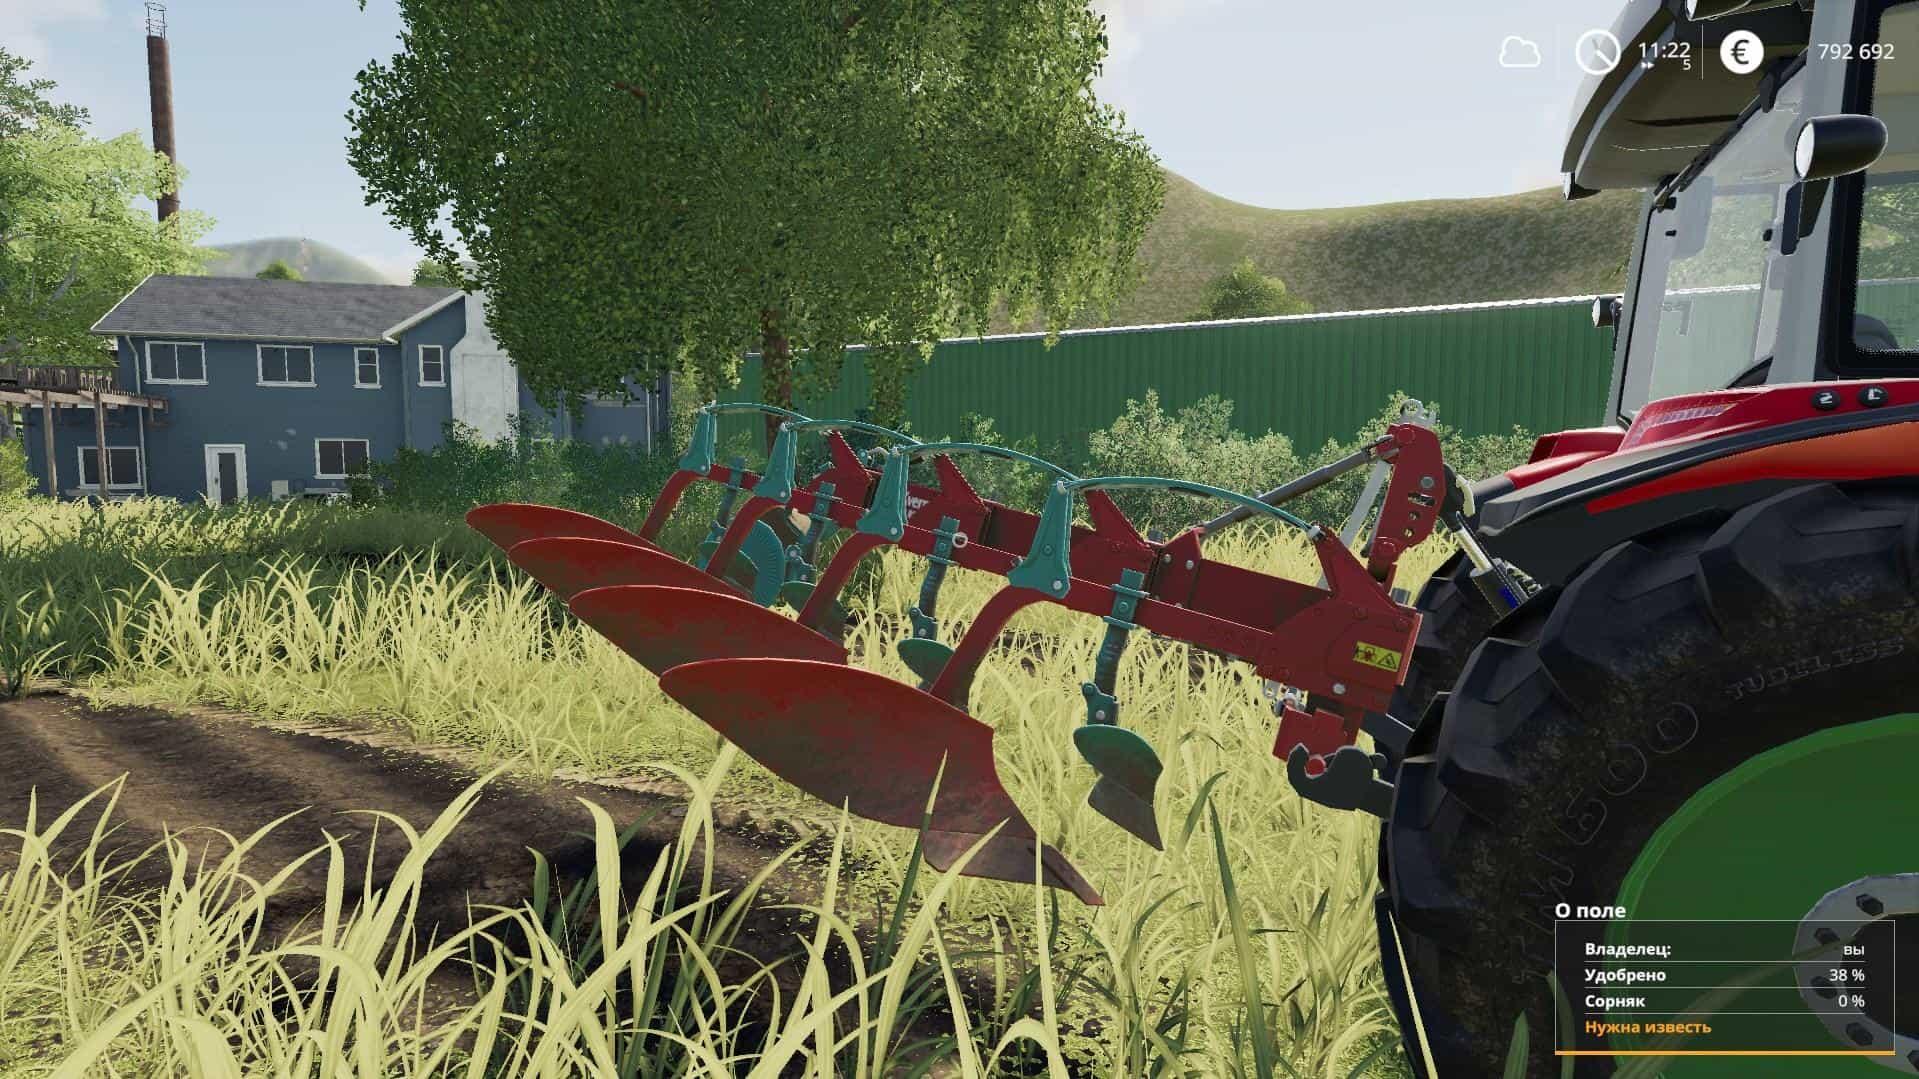 Plow Kverneland AB 85 v1 0 FS19 - Farming Simulator 19 Mod | FS19 mod